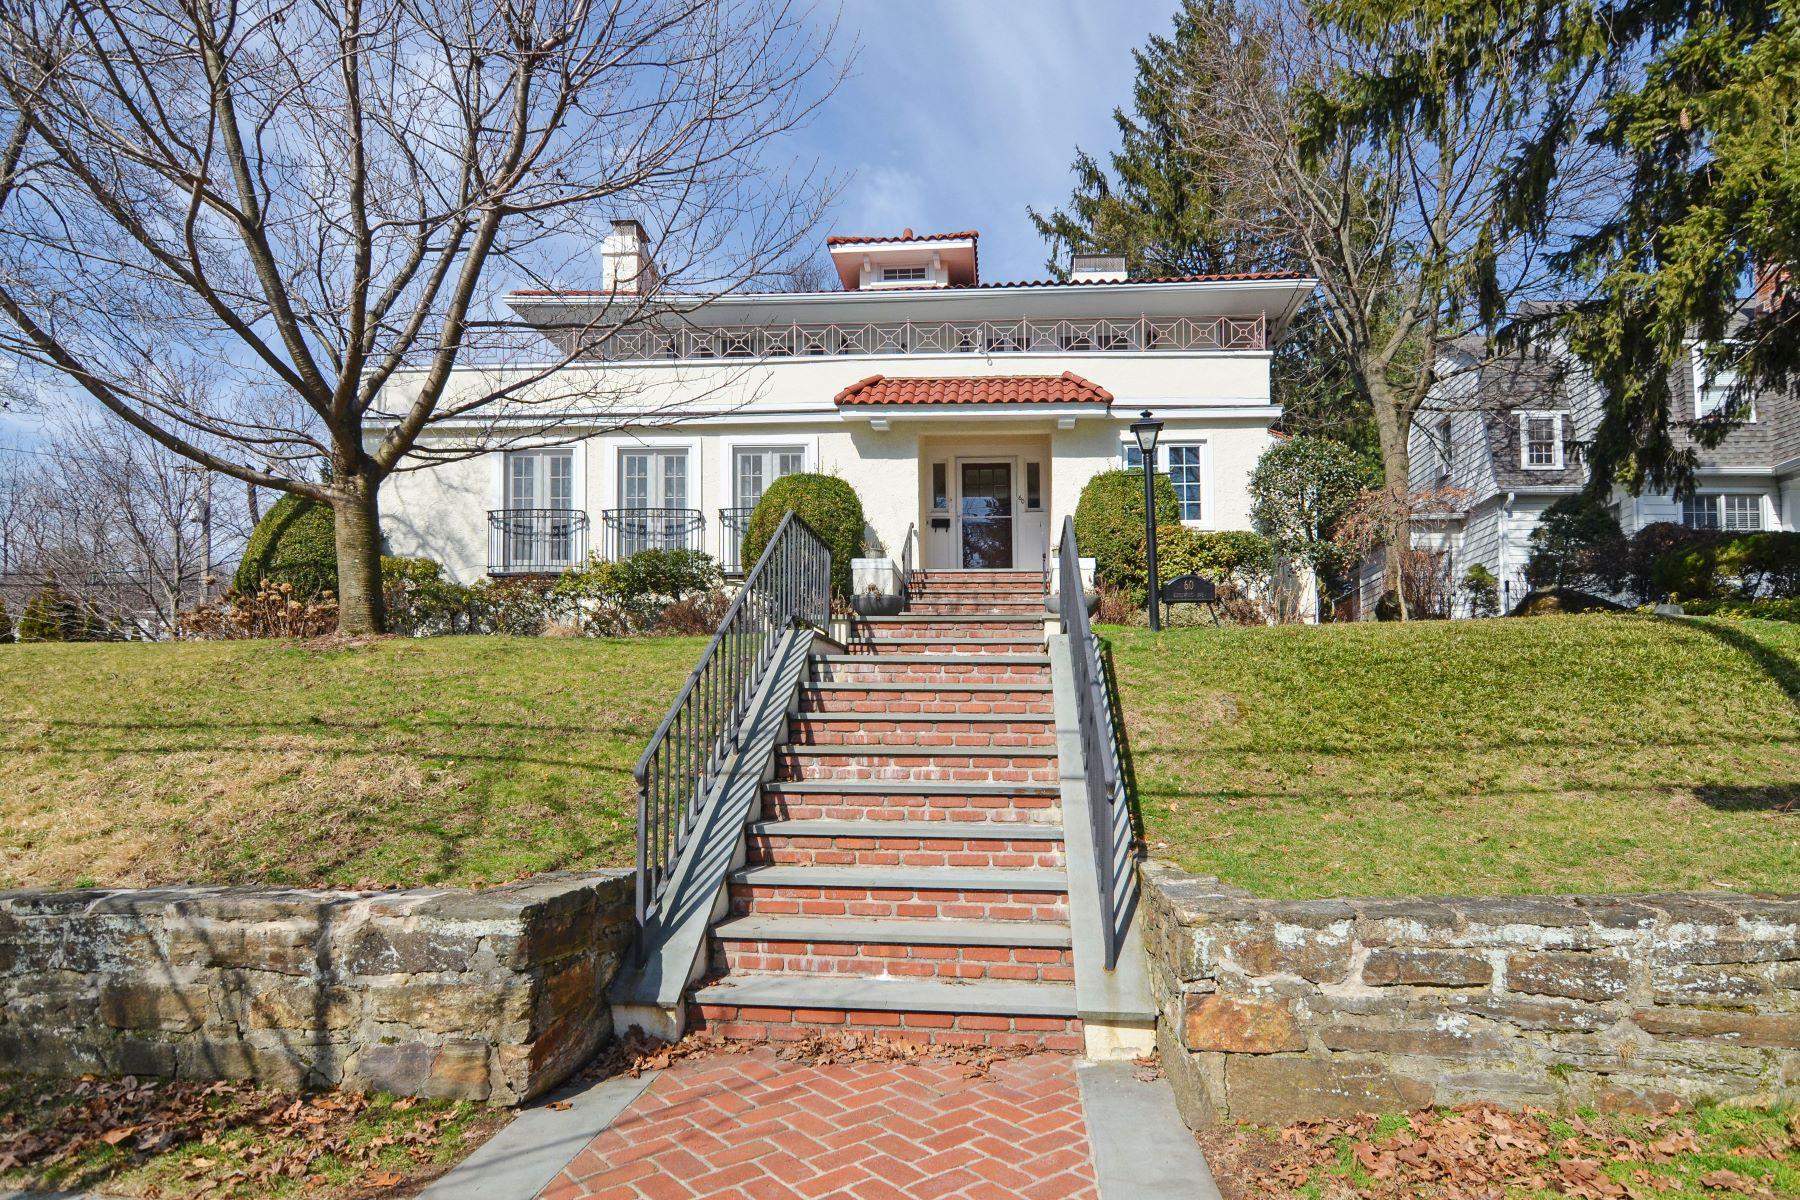 Частный односемейный дом для того Продажа на 60 Edgewood Avenue Larchmont, Нью-Йорк, 10538 Соединенные Штаты